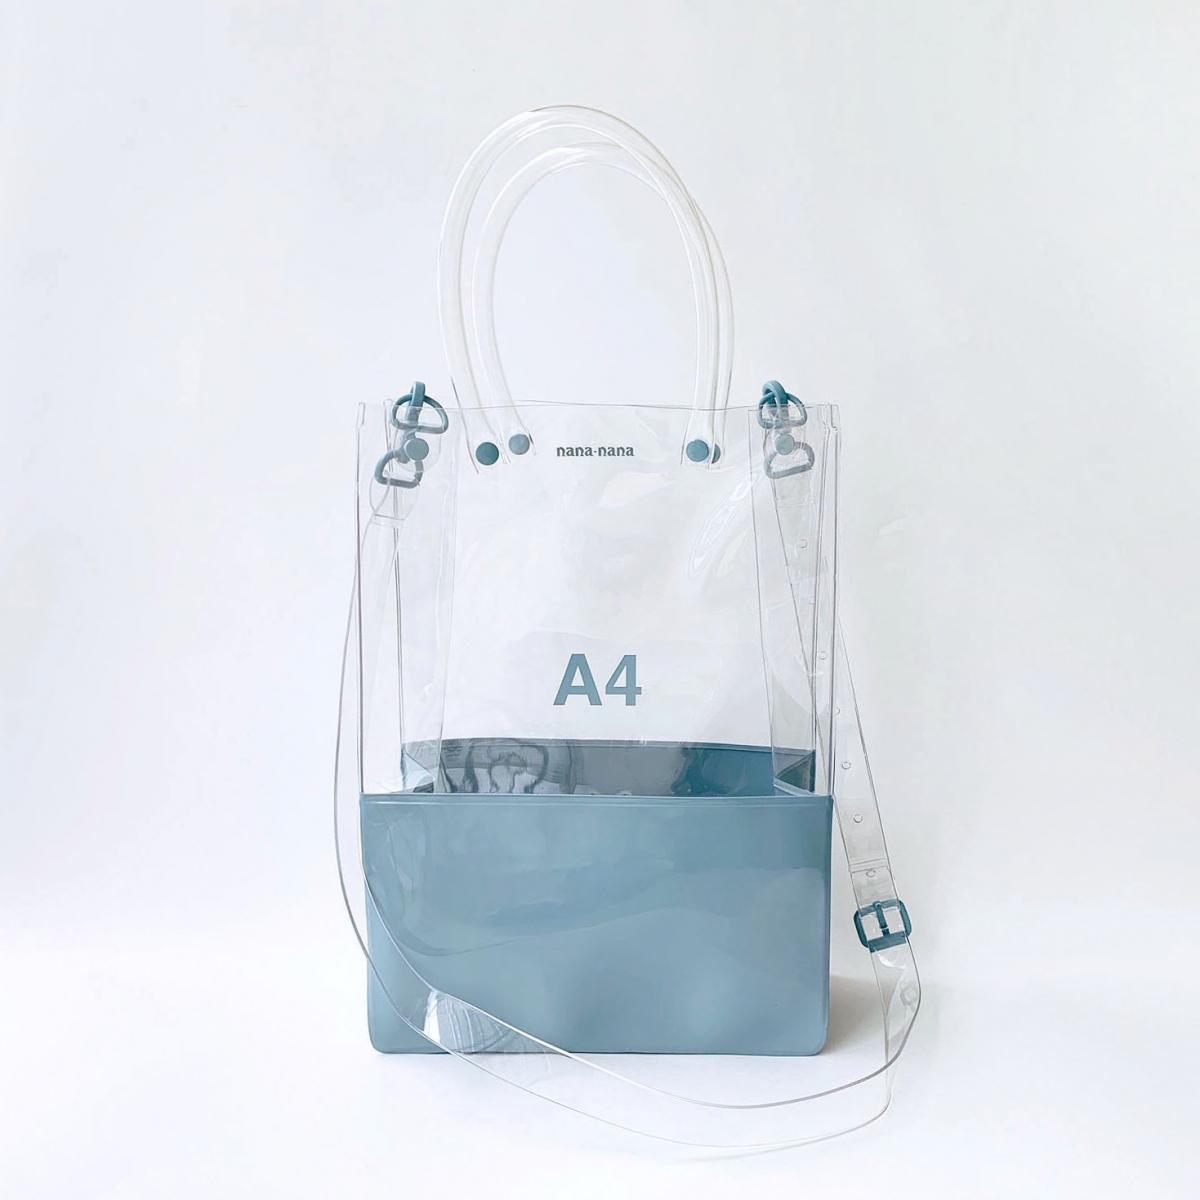 PVCブームを牽引する「ナナナナ」の新作バッグ